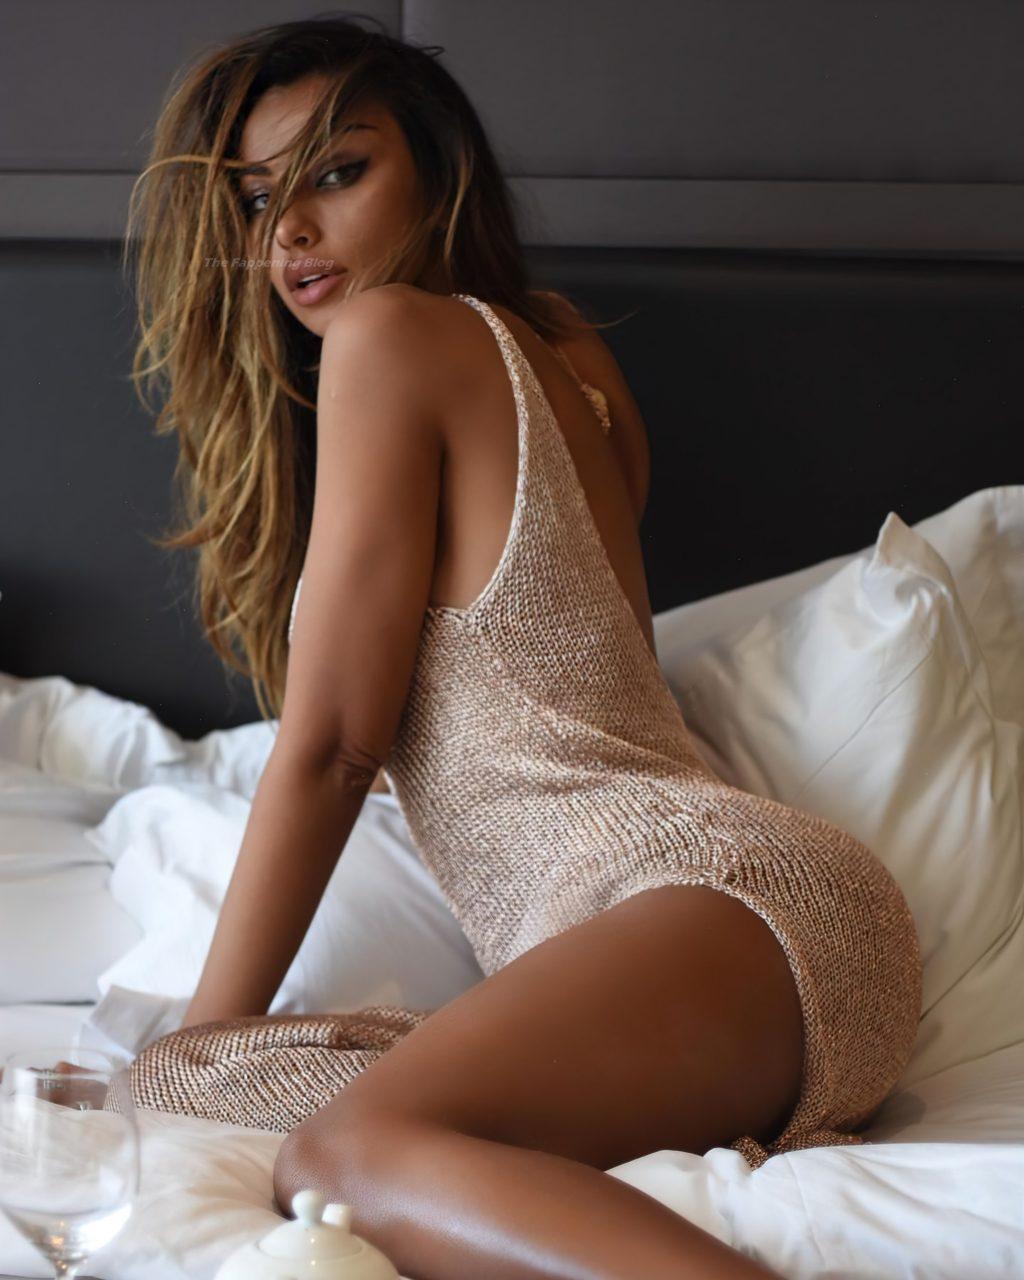 Madalina Diana Ghenea Sexy (5 Photos)